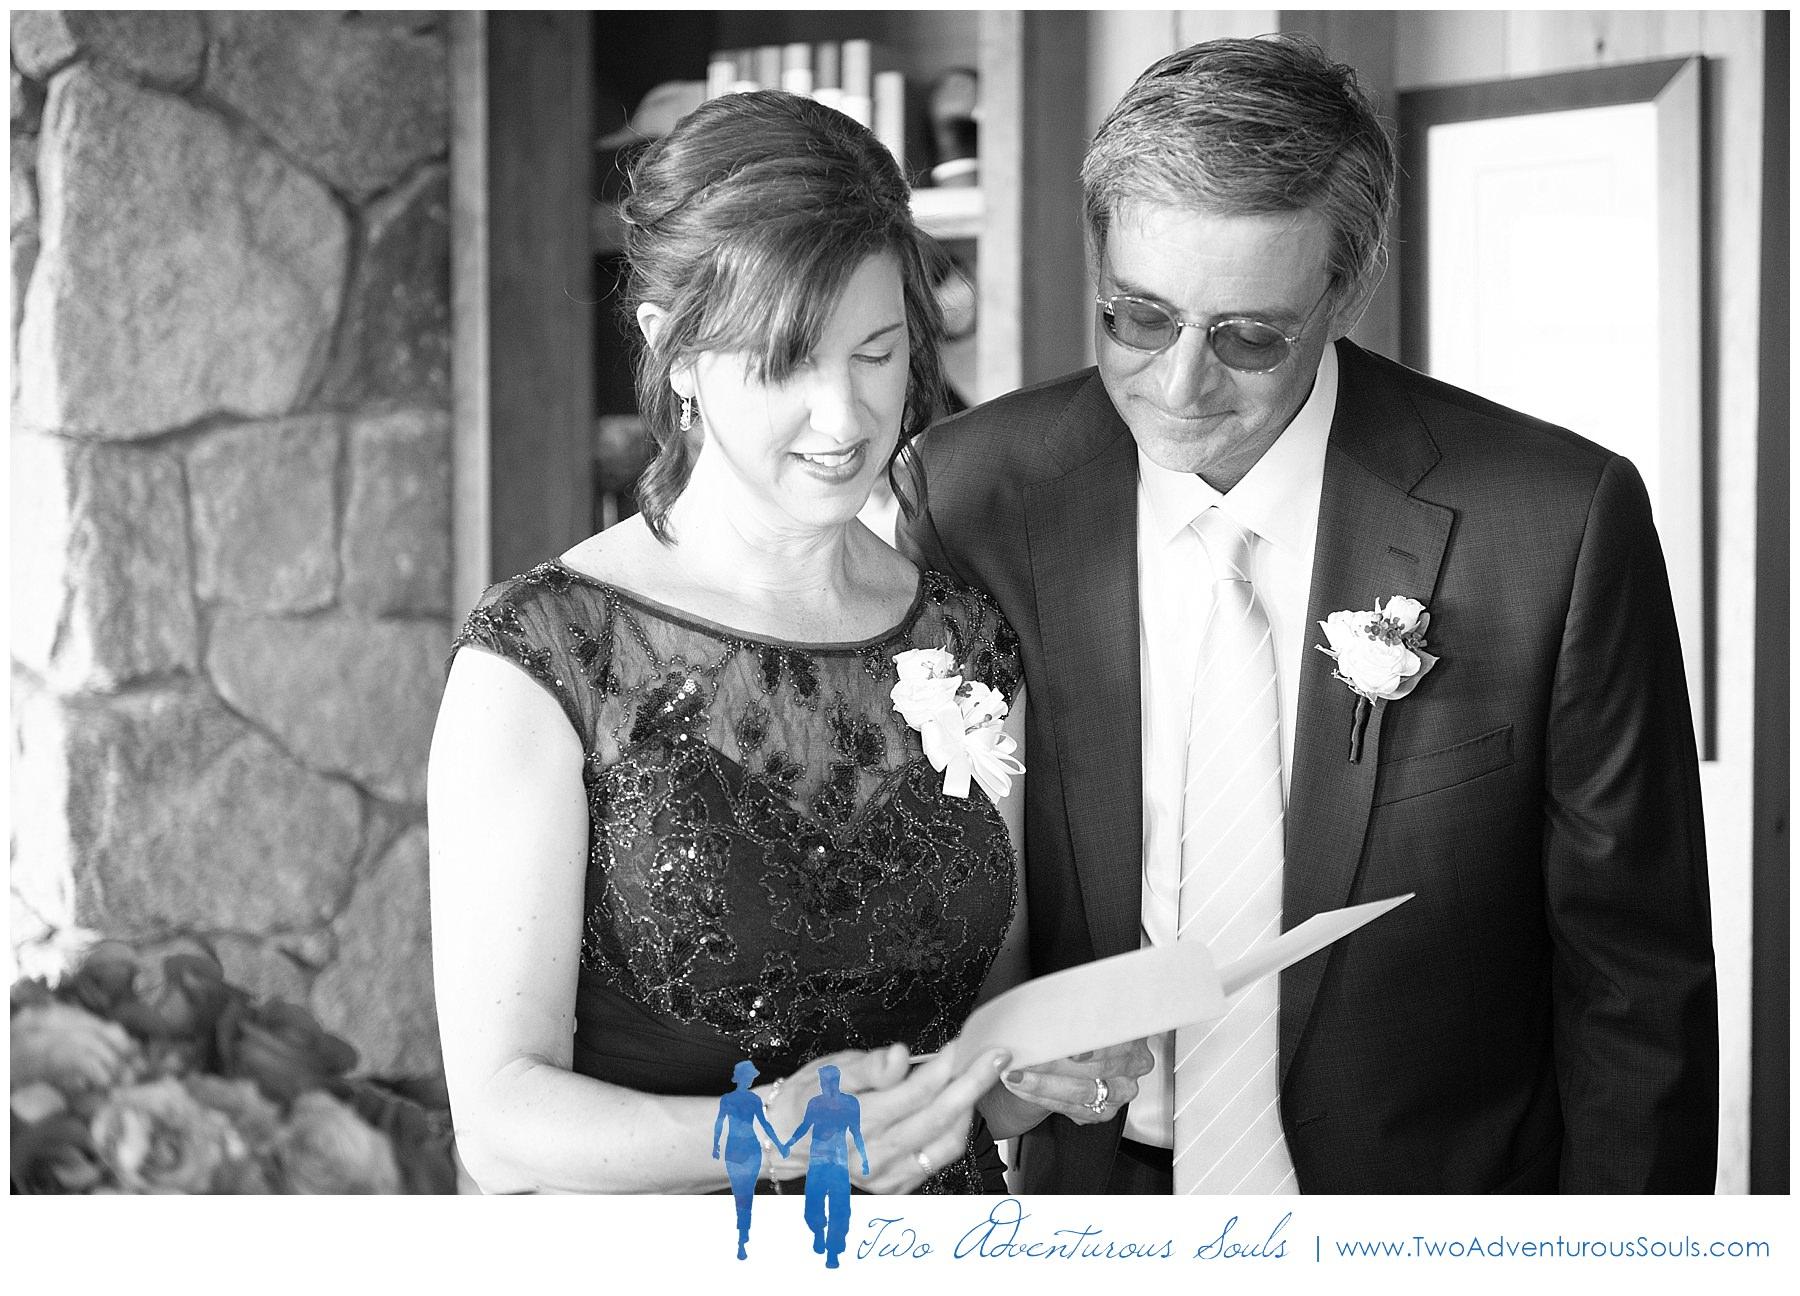 Maine Wedding Photographers, Granite Ridge Estate Wedding Photographers, Two Adventurous Souls - 080319_0022.jpg